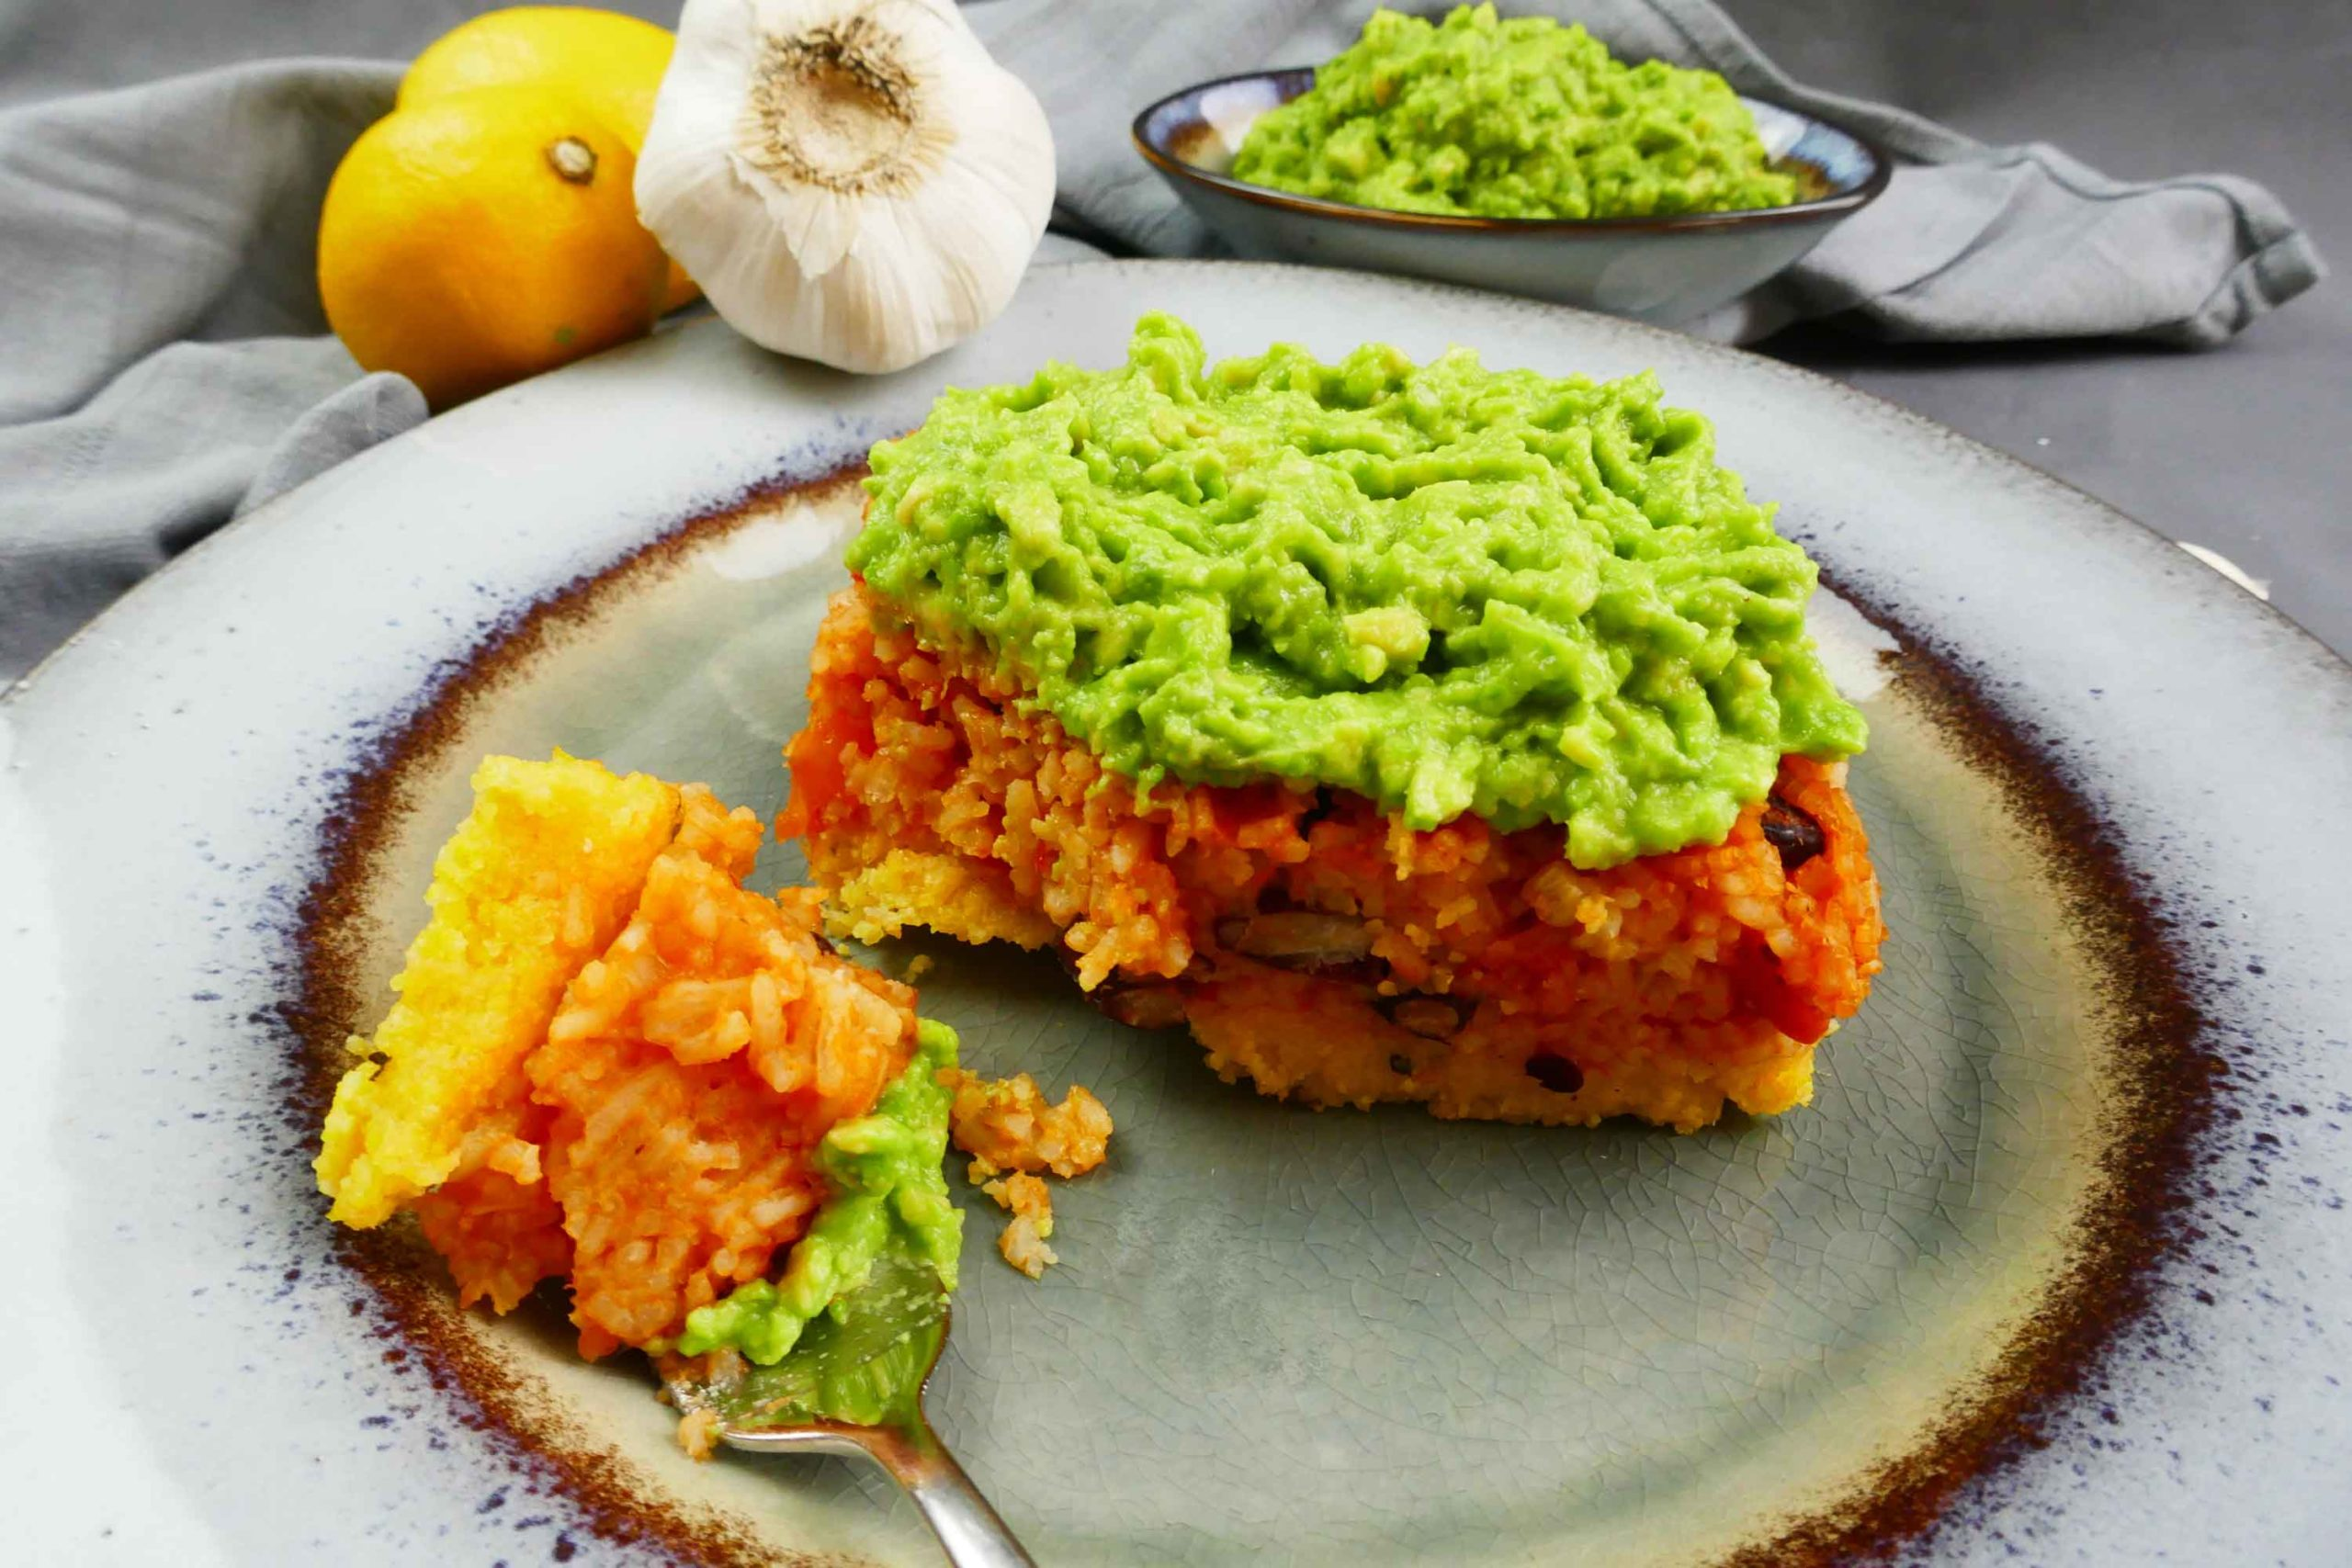 Polentaschnitte mit Reis und Bohnen und frischer Avocado als Topping auf einem Teller angerichtet